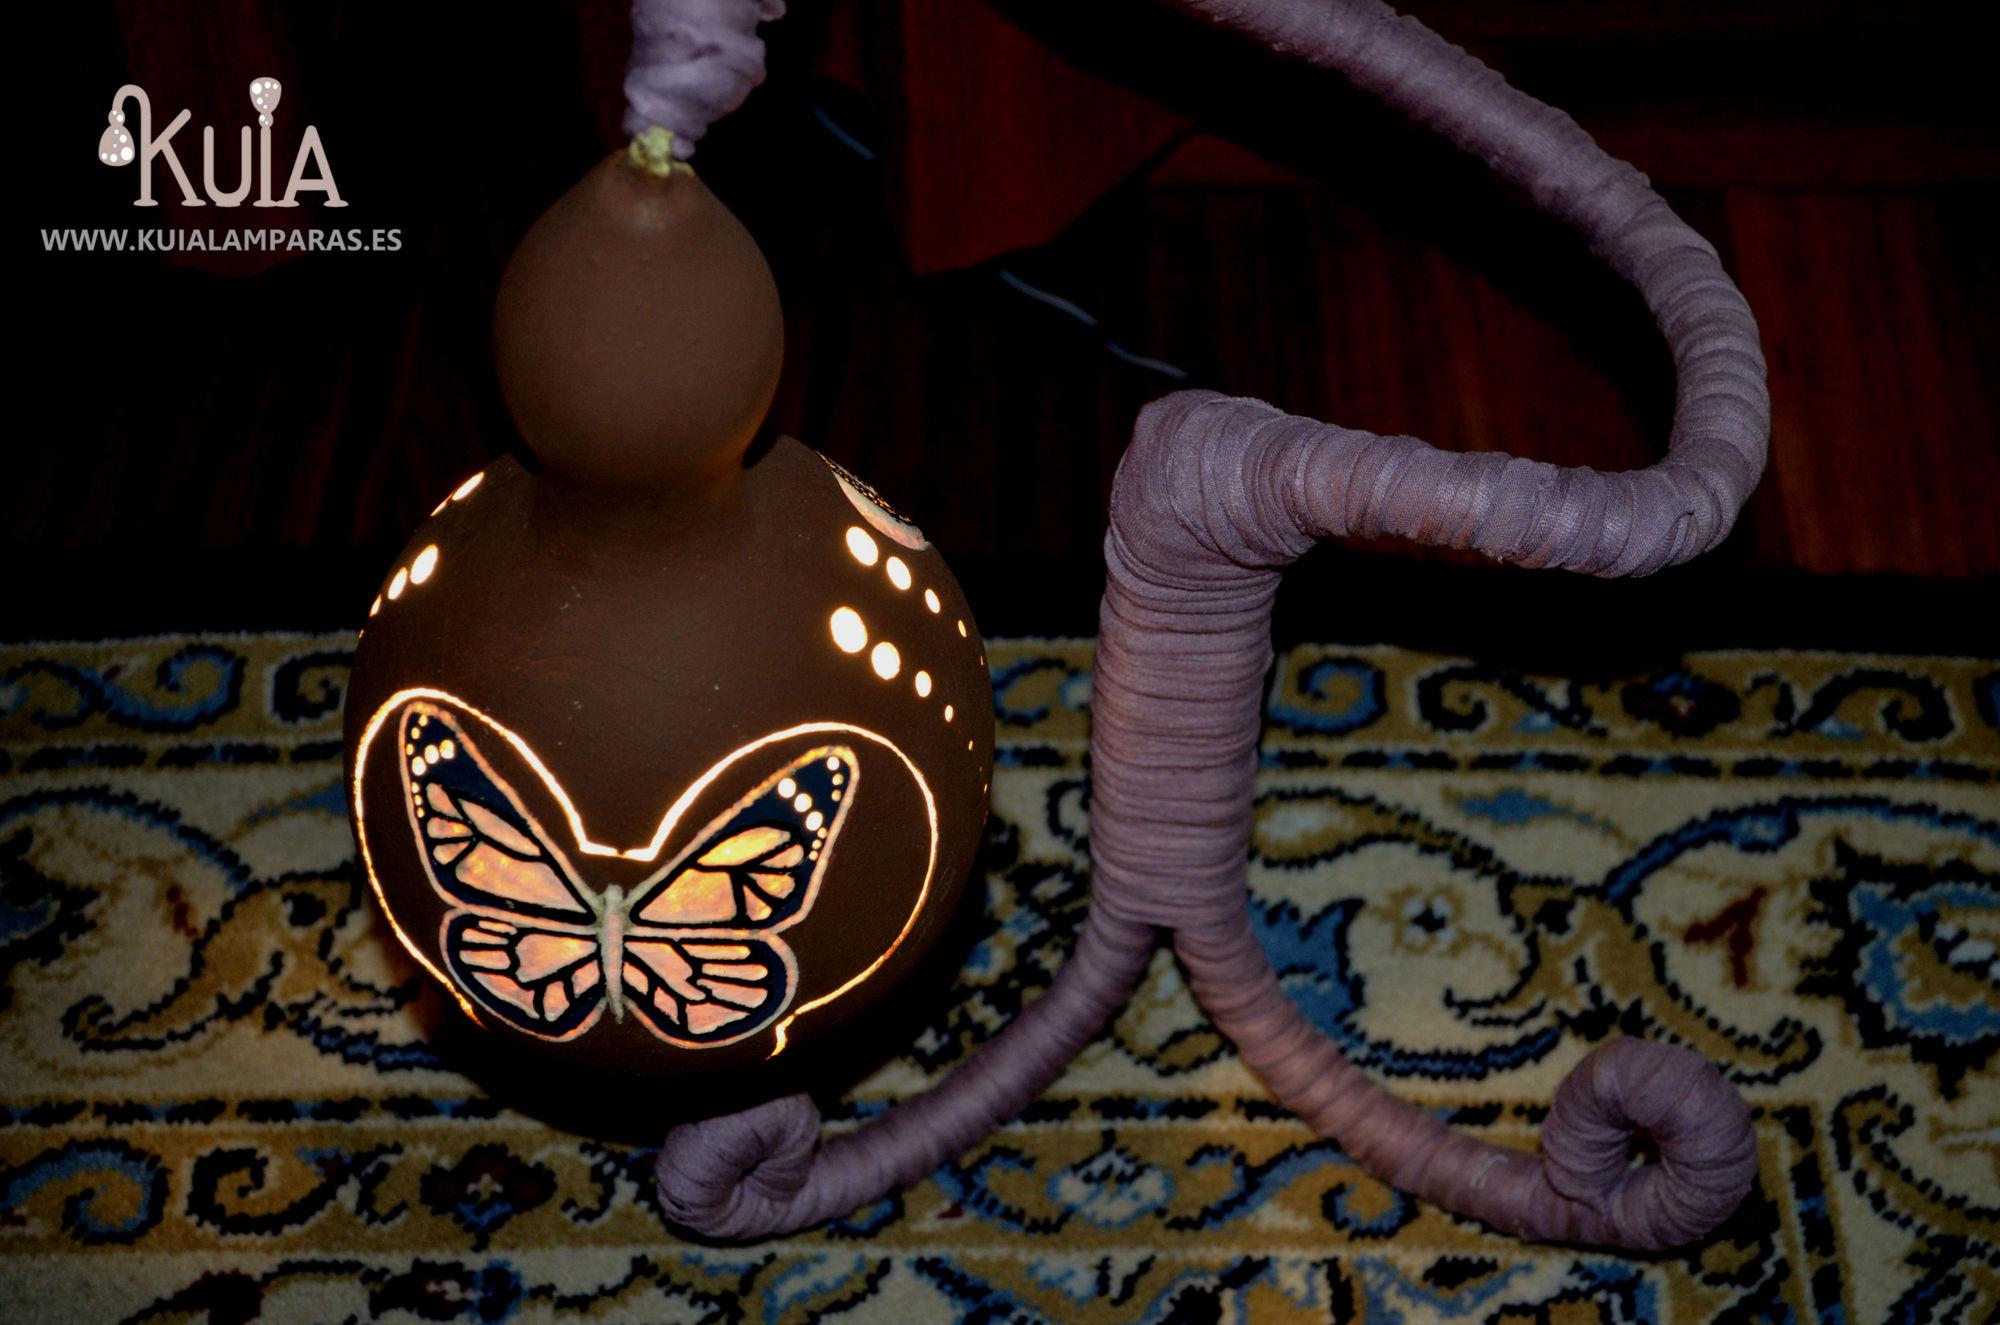 lampara de mesilla con una mariposa pinpilinpauxa